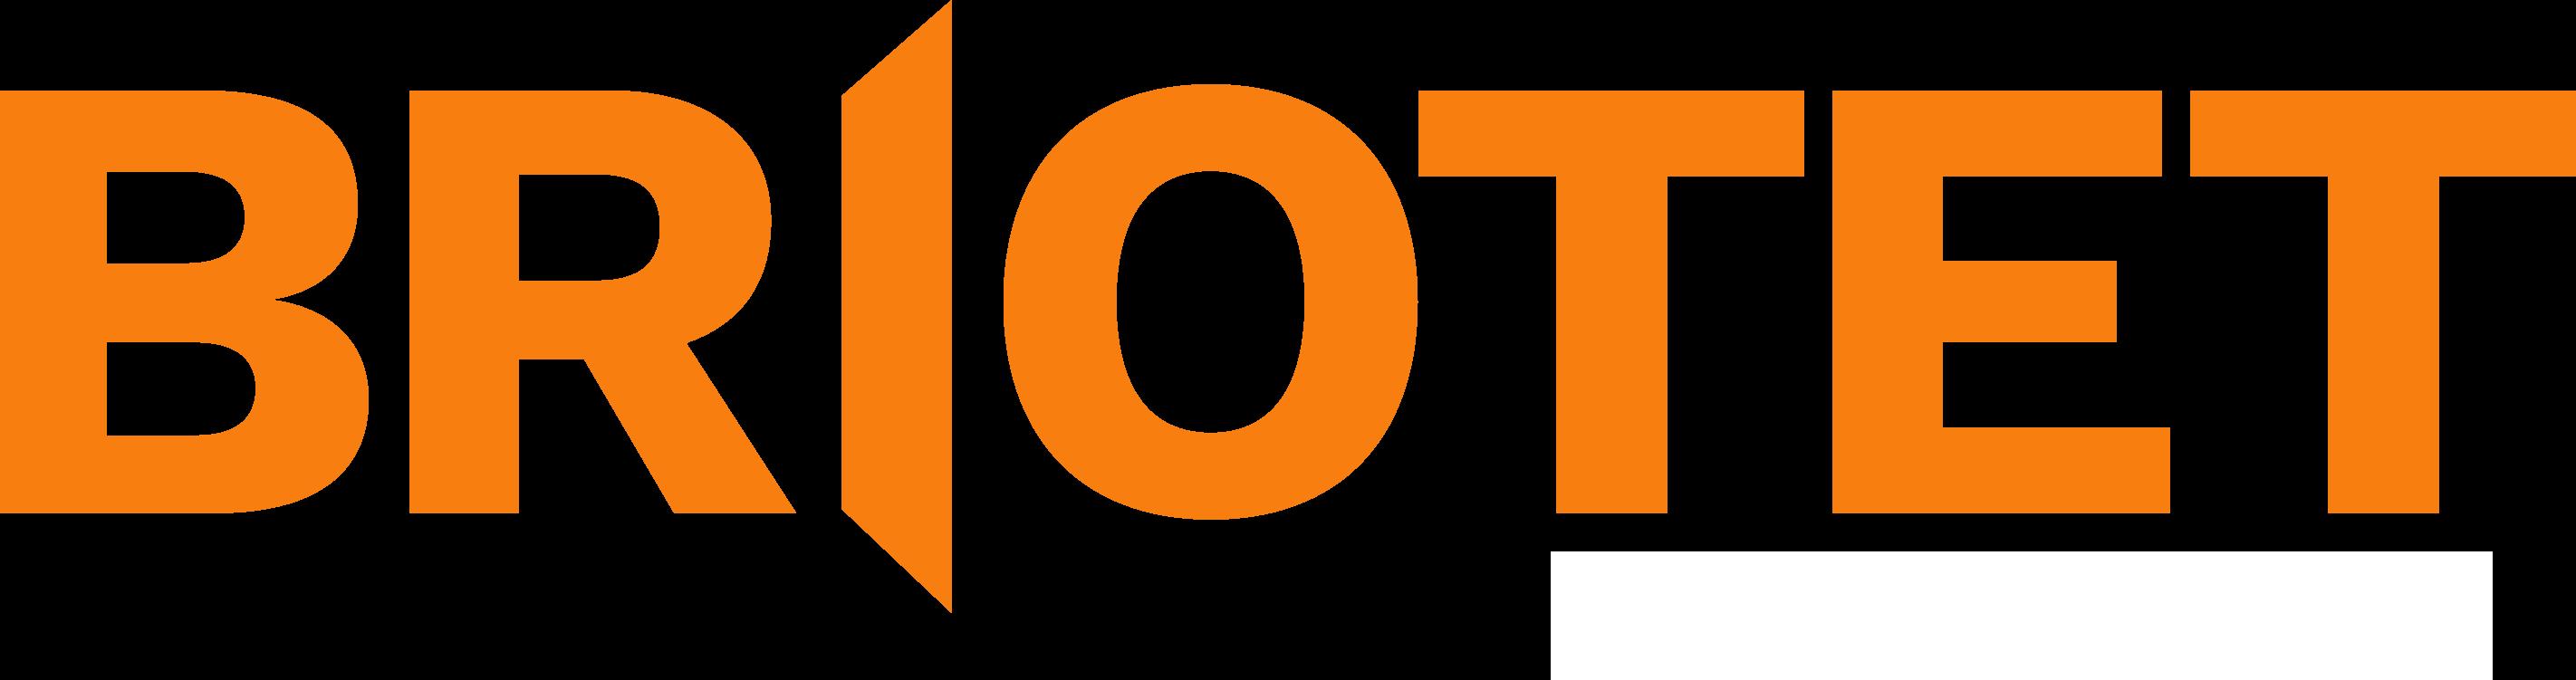 BRIOTET